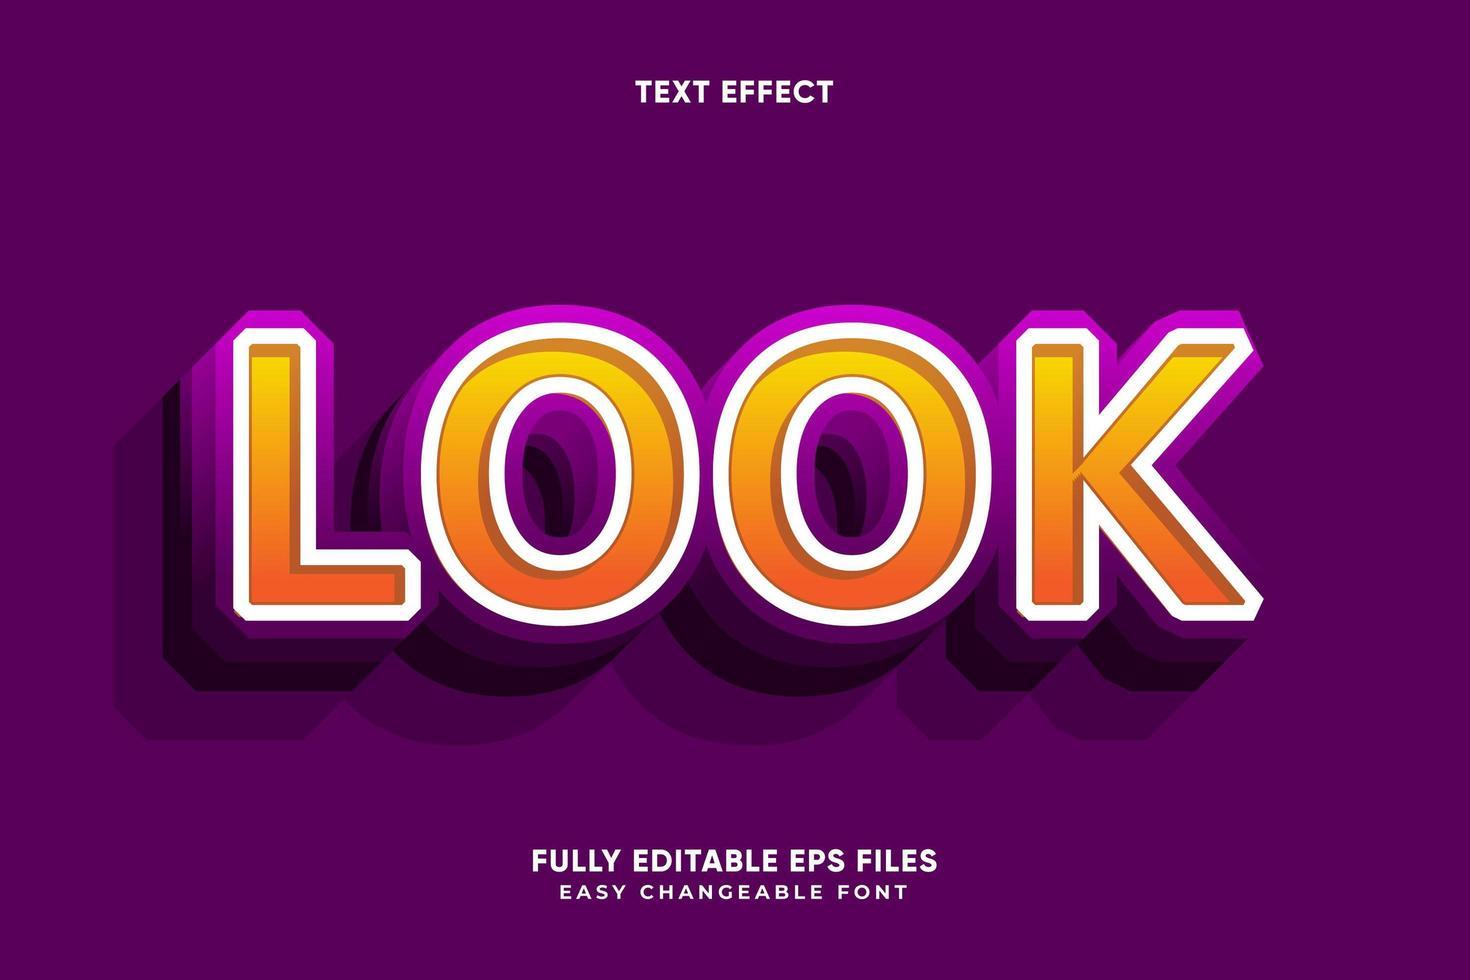 oranje met wit en paars omtrek teksteffect vector